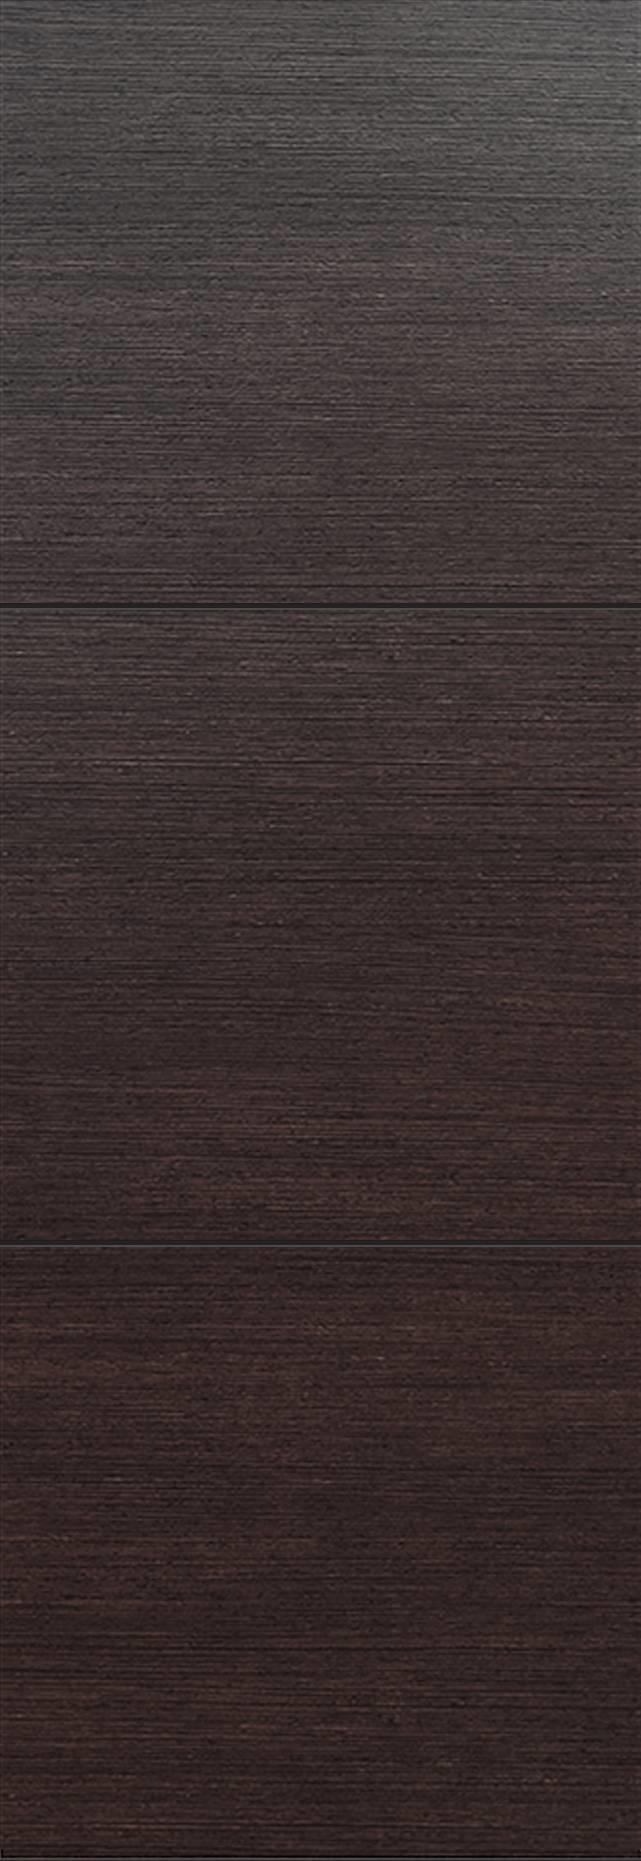 Tivoli В-2 Invisible цвет - Венге Шоколад Без стекла (ДГ)